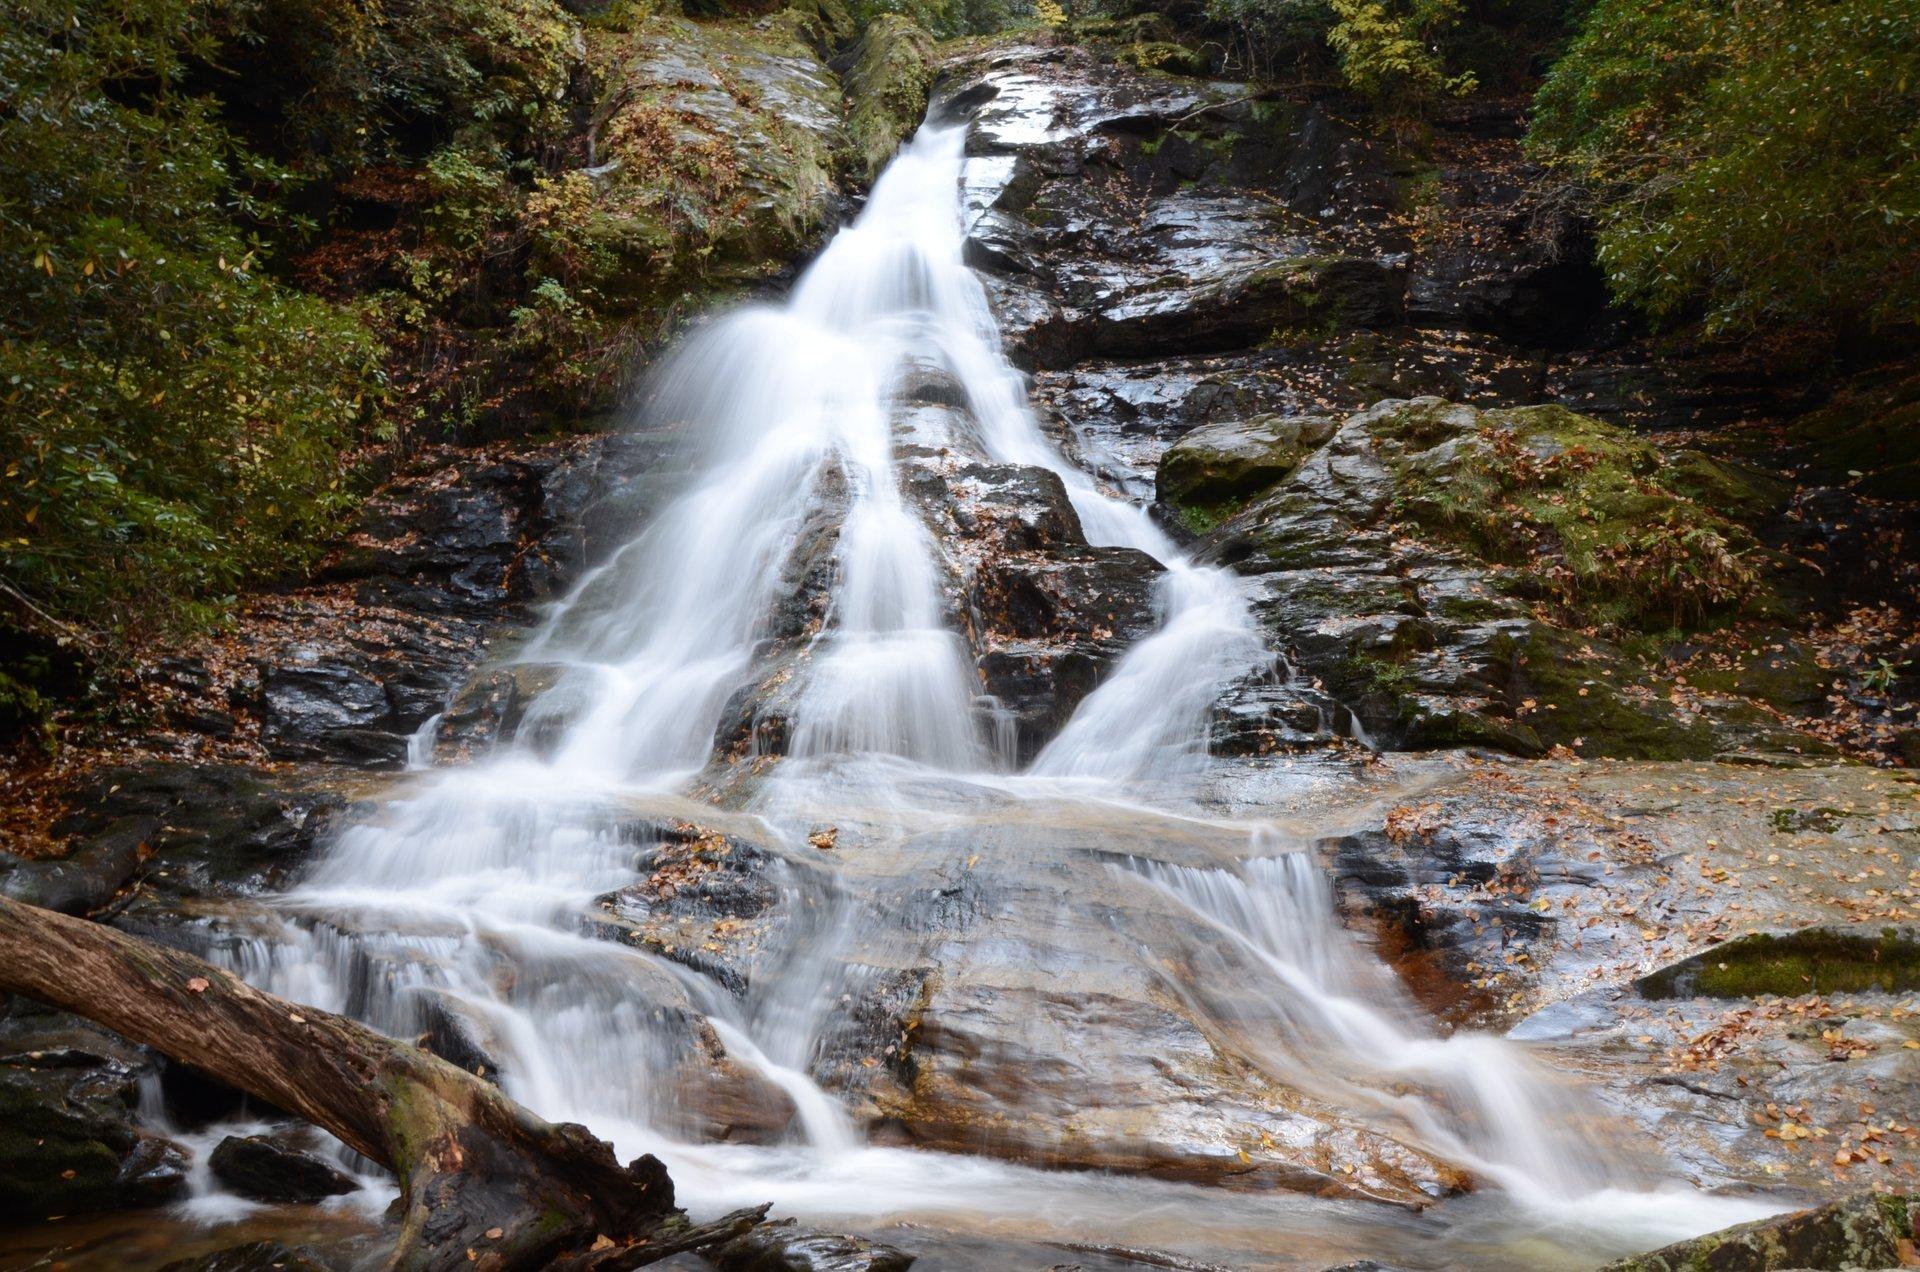 High Shoals Falls & Blue Hole Falls in Georgia 2020 - Best Time